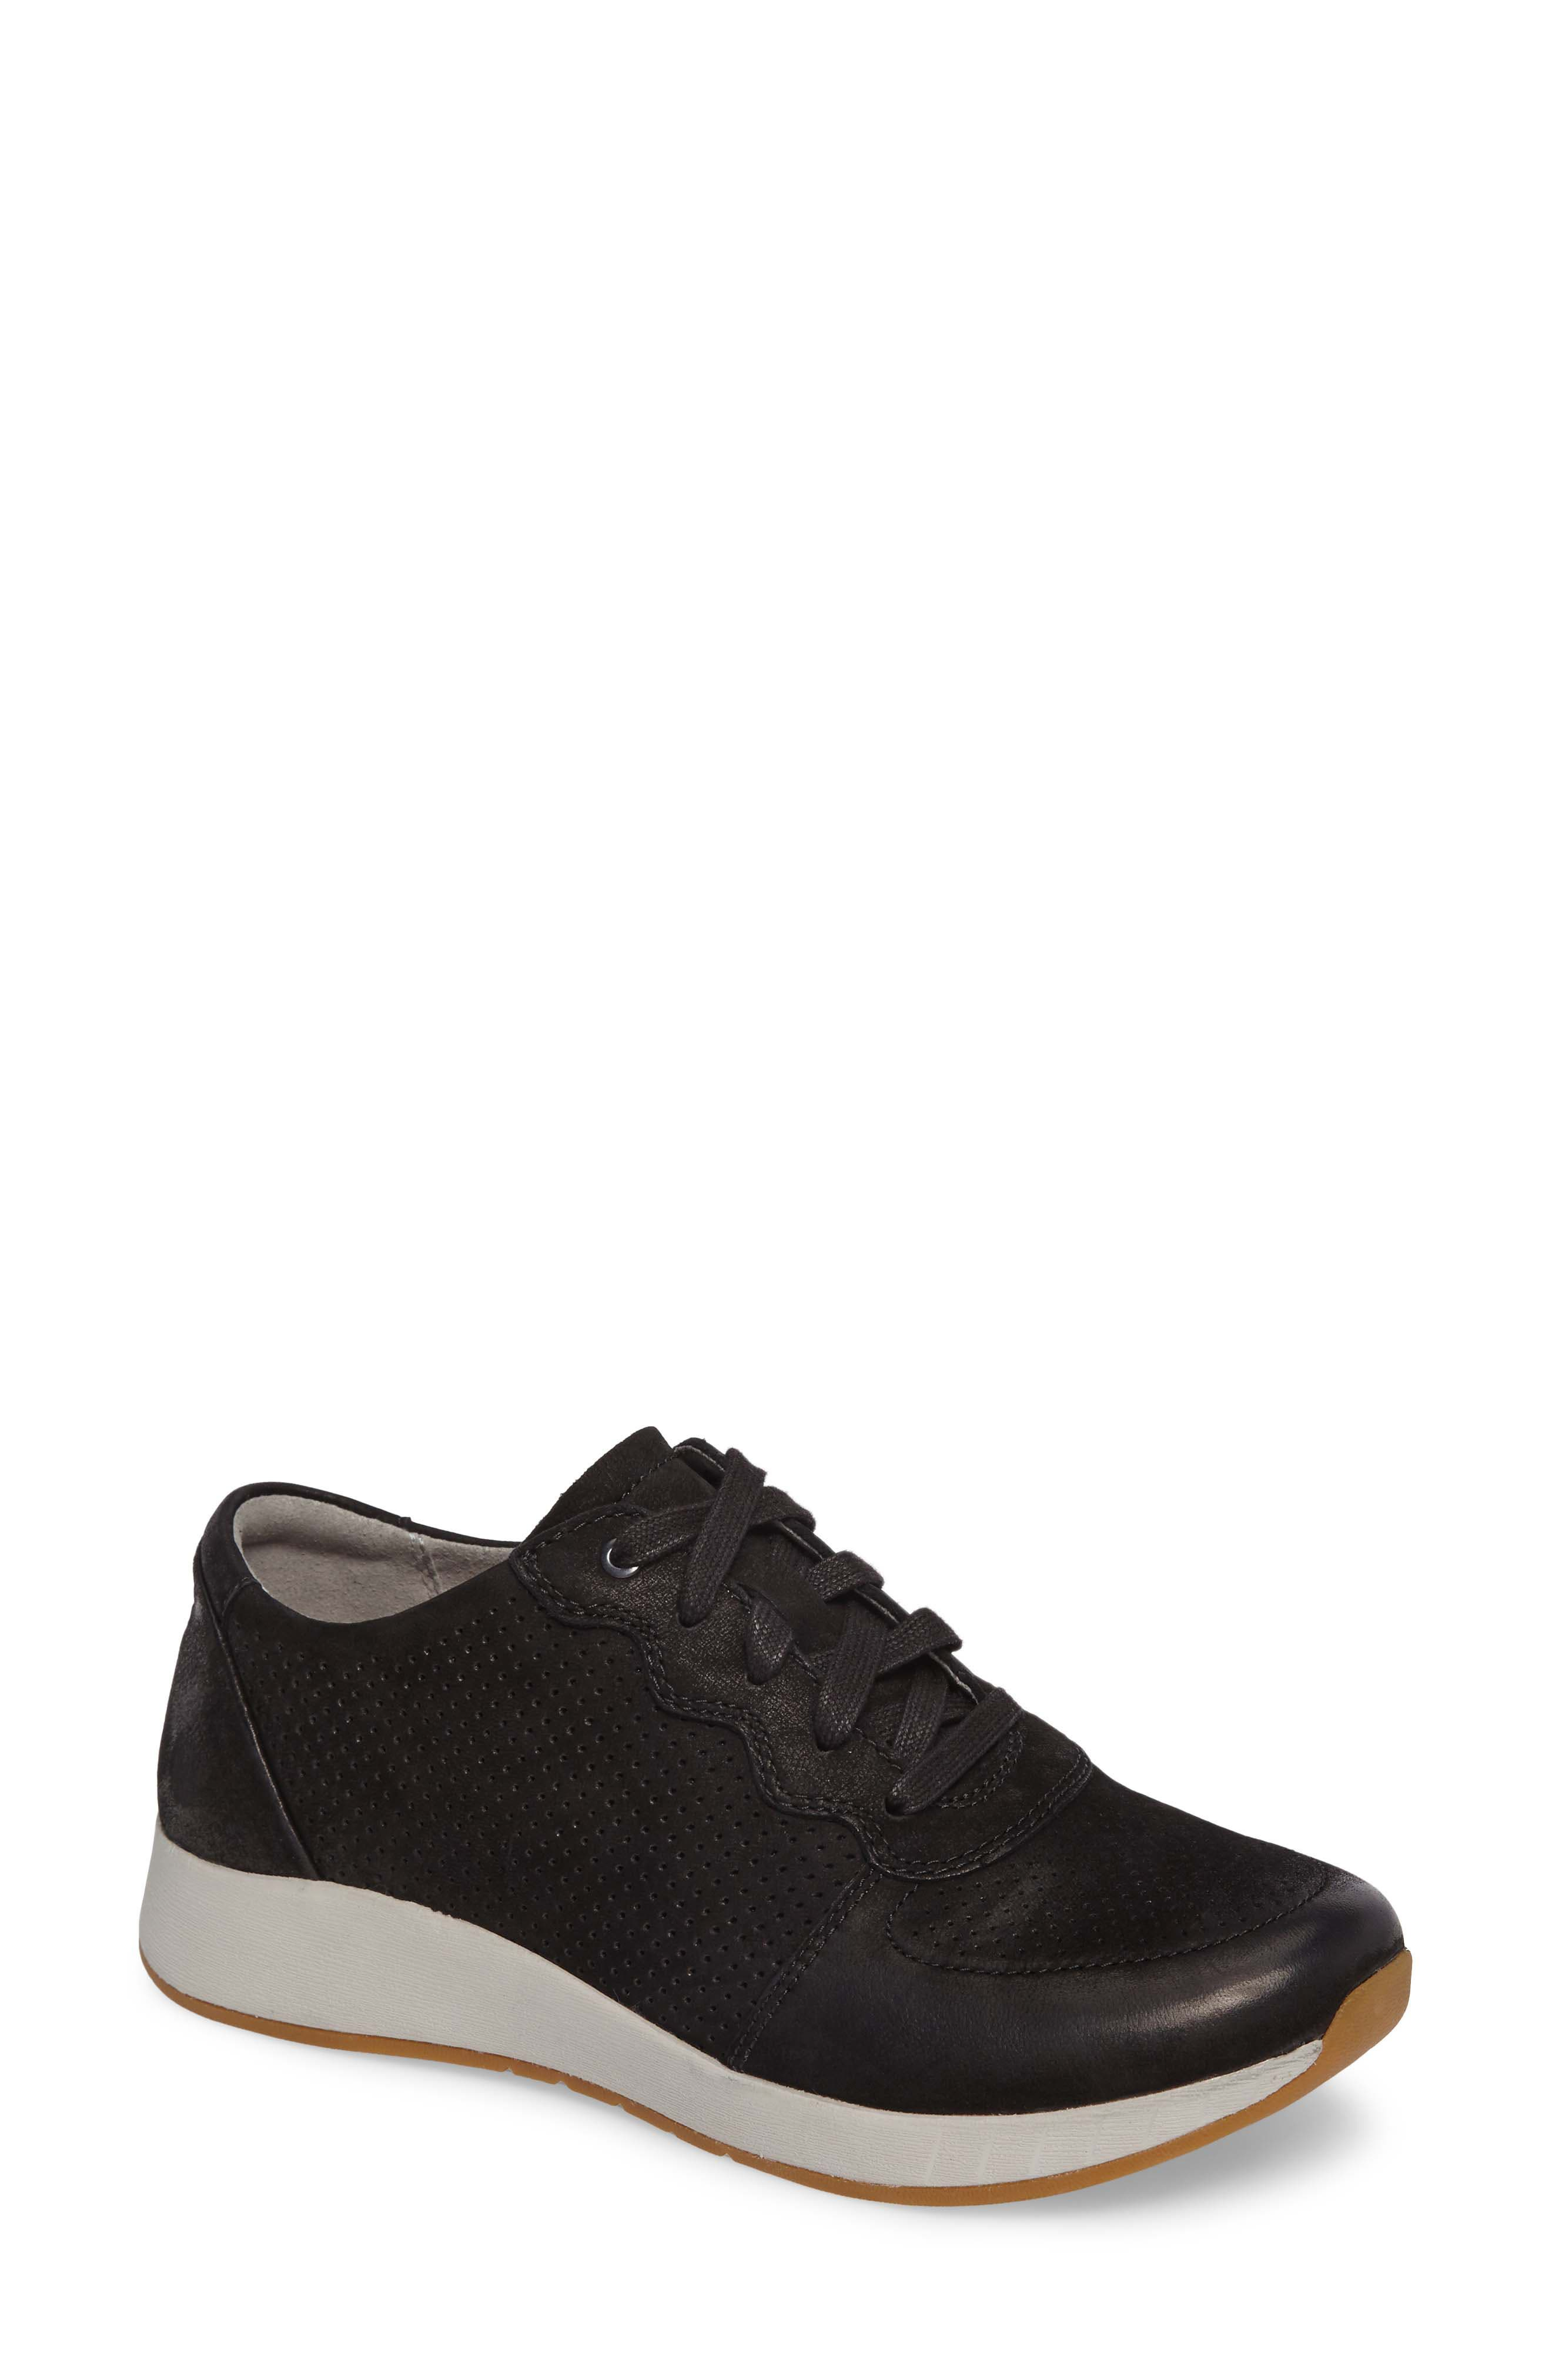 Christina Sneaker,                             Main thumbnail 1, color,                             Black Nubuck Leather